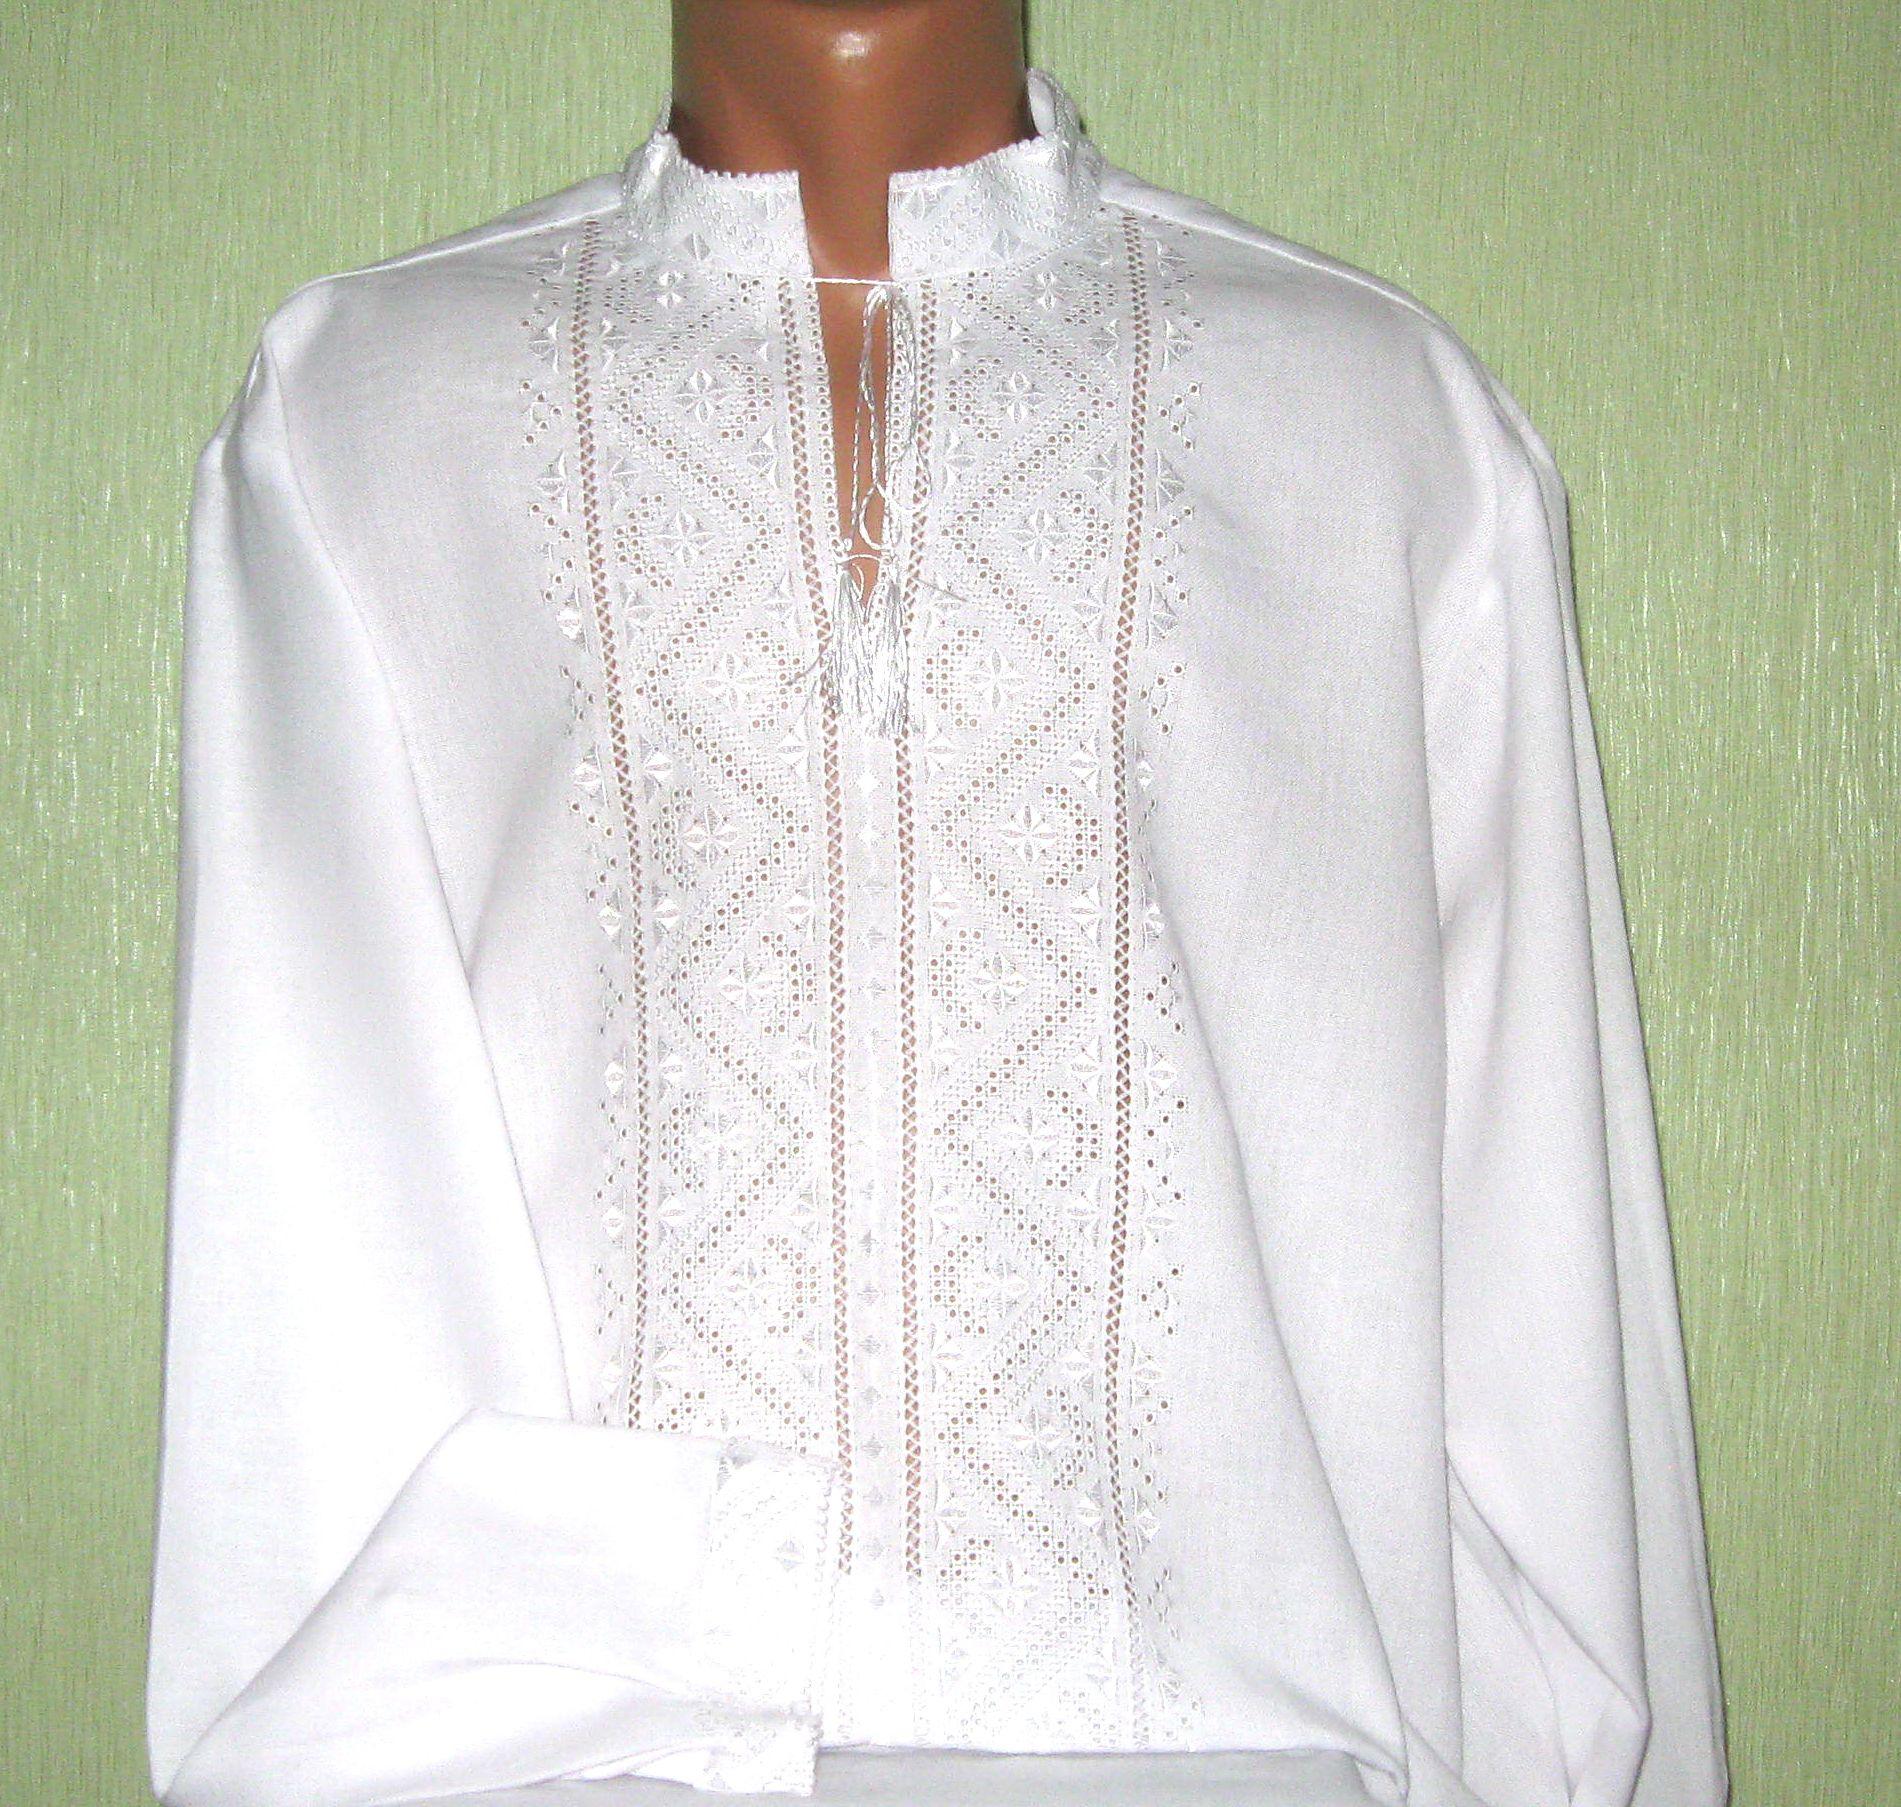 рубашка чоловіча вишита білим по білому ціна 2d1f48da290a1